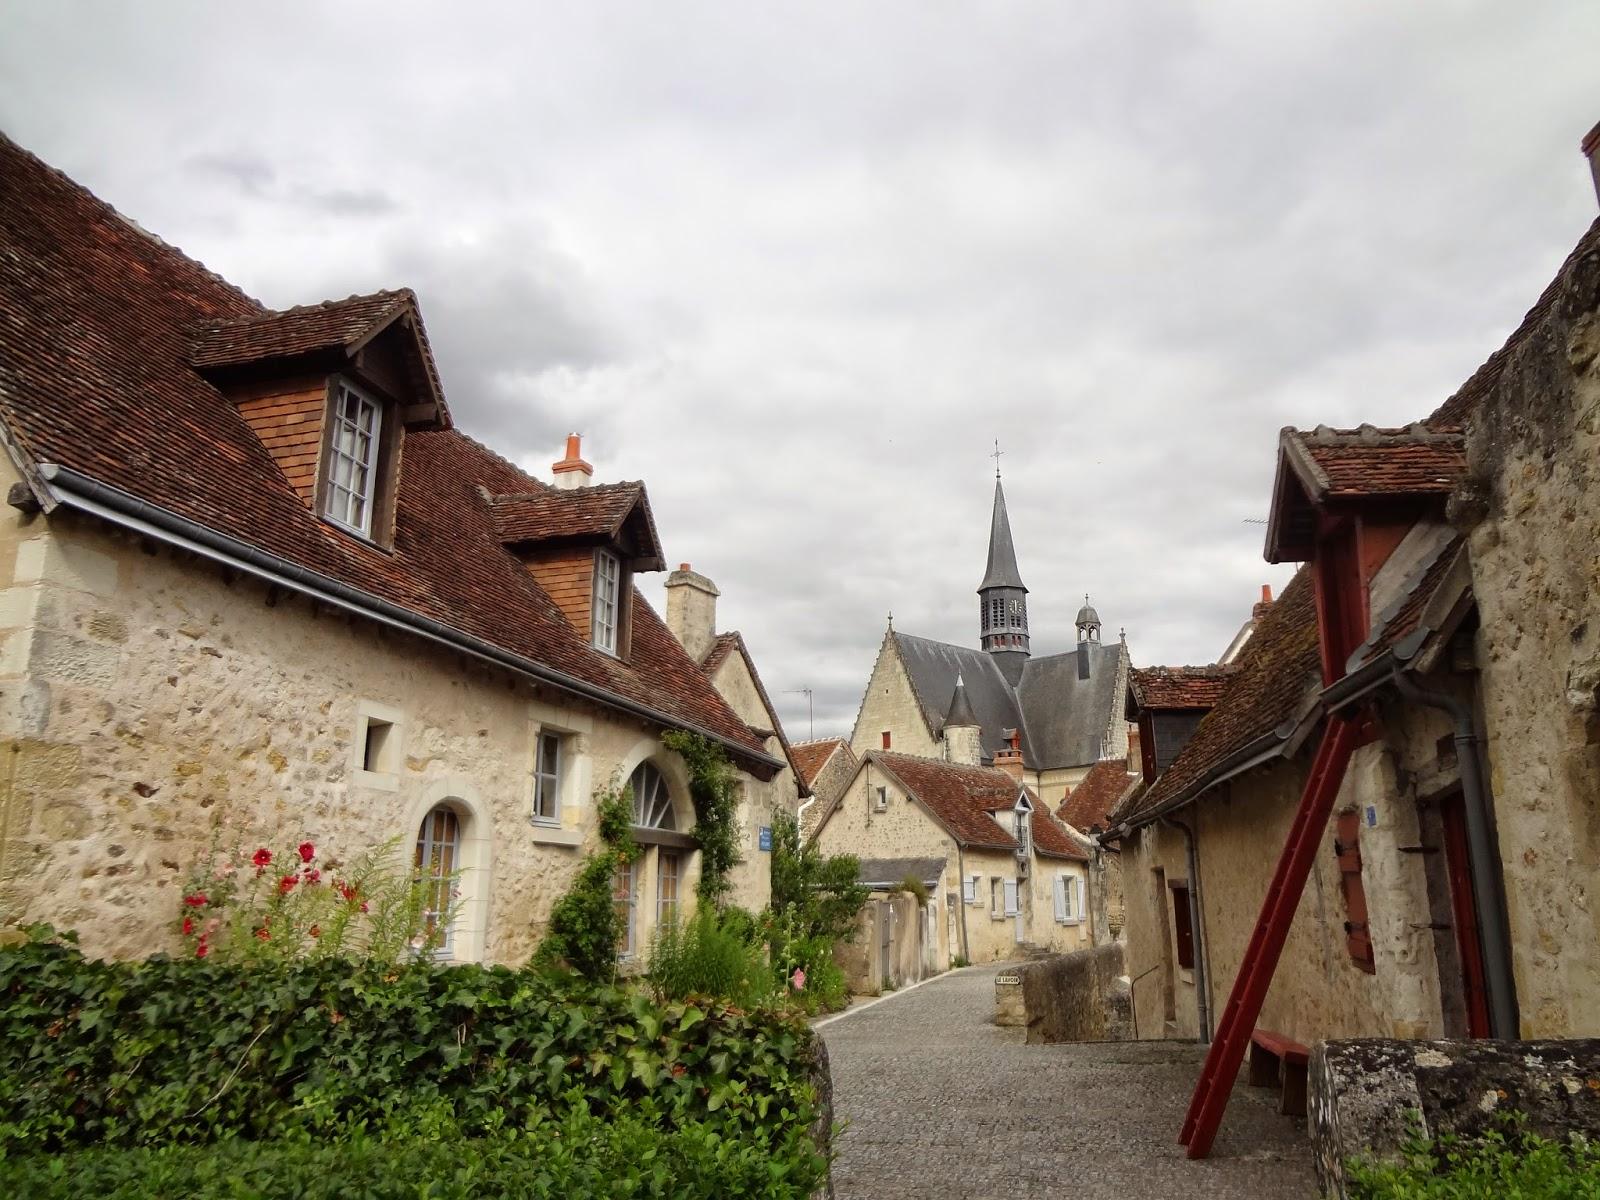 Calle frente al castillo en Montrésor